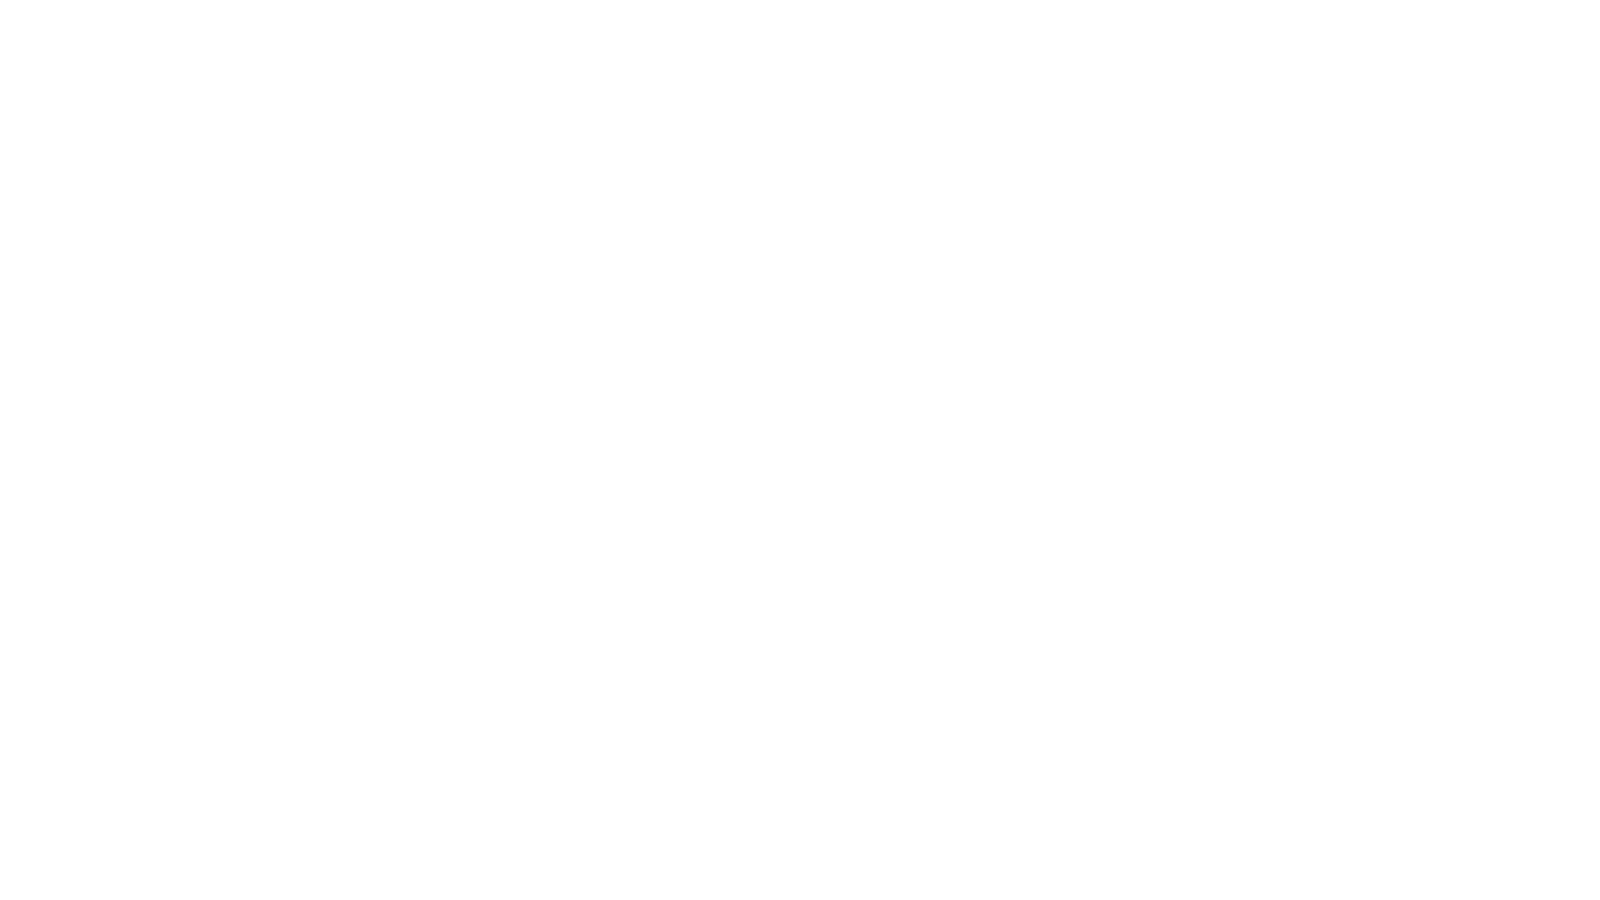 Lembram da indicação do senhor Odacir Klein (MDB) ao cargo de diretor-presidente do BADESUL?  Pois é, desde o início avisei que essa era uma indicação ilegal pois feria a Lei das Estatais, na qual não permite que o indicado à diretoria de uma estatal seja dirigente estatutário de partido político - justamente o caso de Odacir Klein.   Apesar de ter apresentado os fatos de maneira clara em meu relatório na Comissão de Finanças, Fiscalização e Controle, fui voto vencido e meu parecer foi derrubado.   Em setembro, o Ministério Público pediu ao Tribunal de Justiça o afastamento do emedebista. Hoje, foi noticiado que Odacir Klein pediu exoneração.   Se a função do parlamento é legislar, precisamos fazer cumprir a lei. E se discordam da lei, então que a mudem. Mas até lá não se pode simplesmente ignorar as regras básicas para fazer passar um projeto ou indicação.